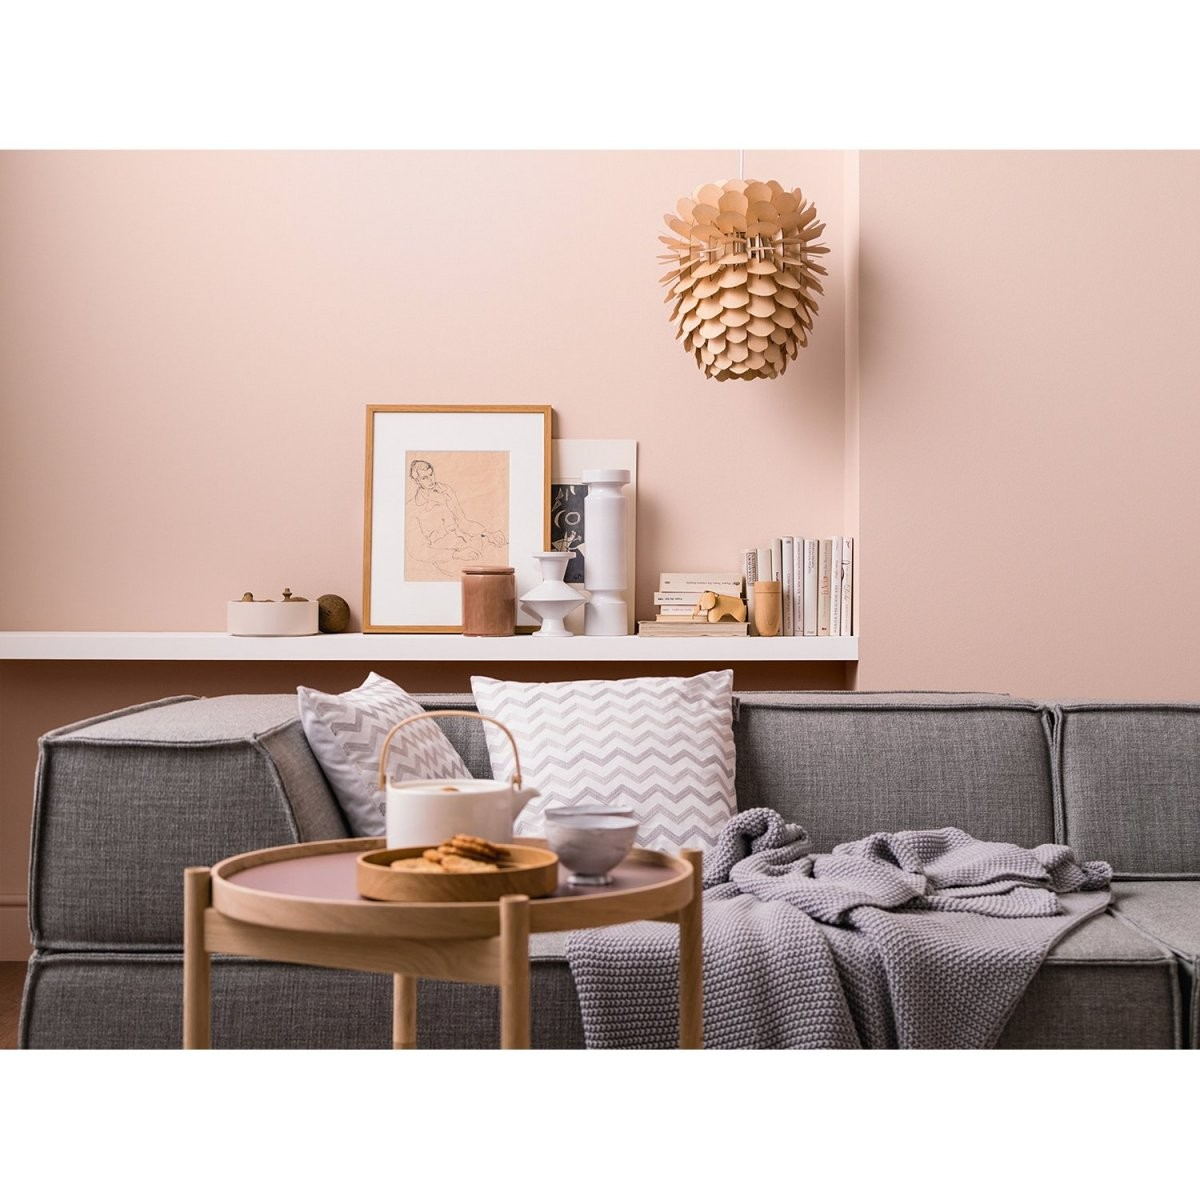 Schöner Wohnen Wandfarbe Naturell Quarzrosa Matt 25 L Kaufen Bei Obi von Wandfarben Schöner Wohnen Farbpalette Photo